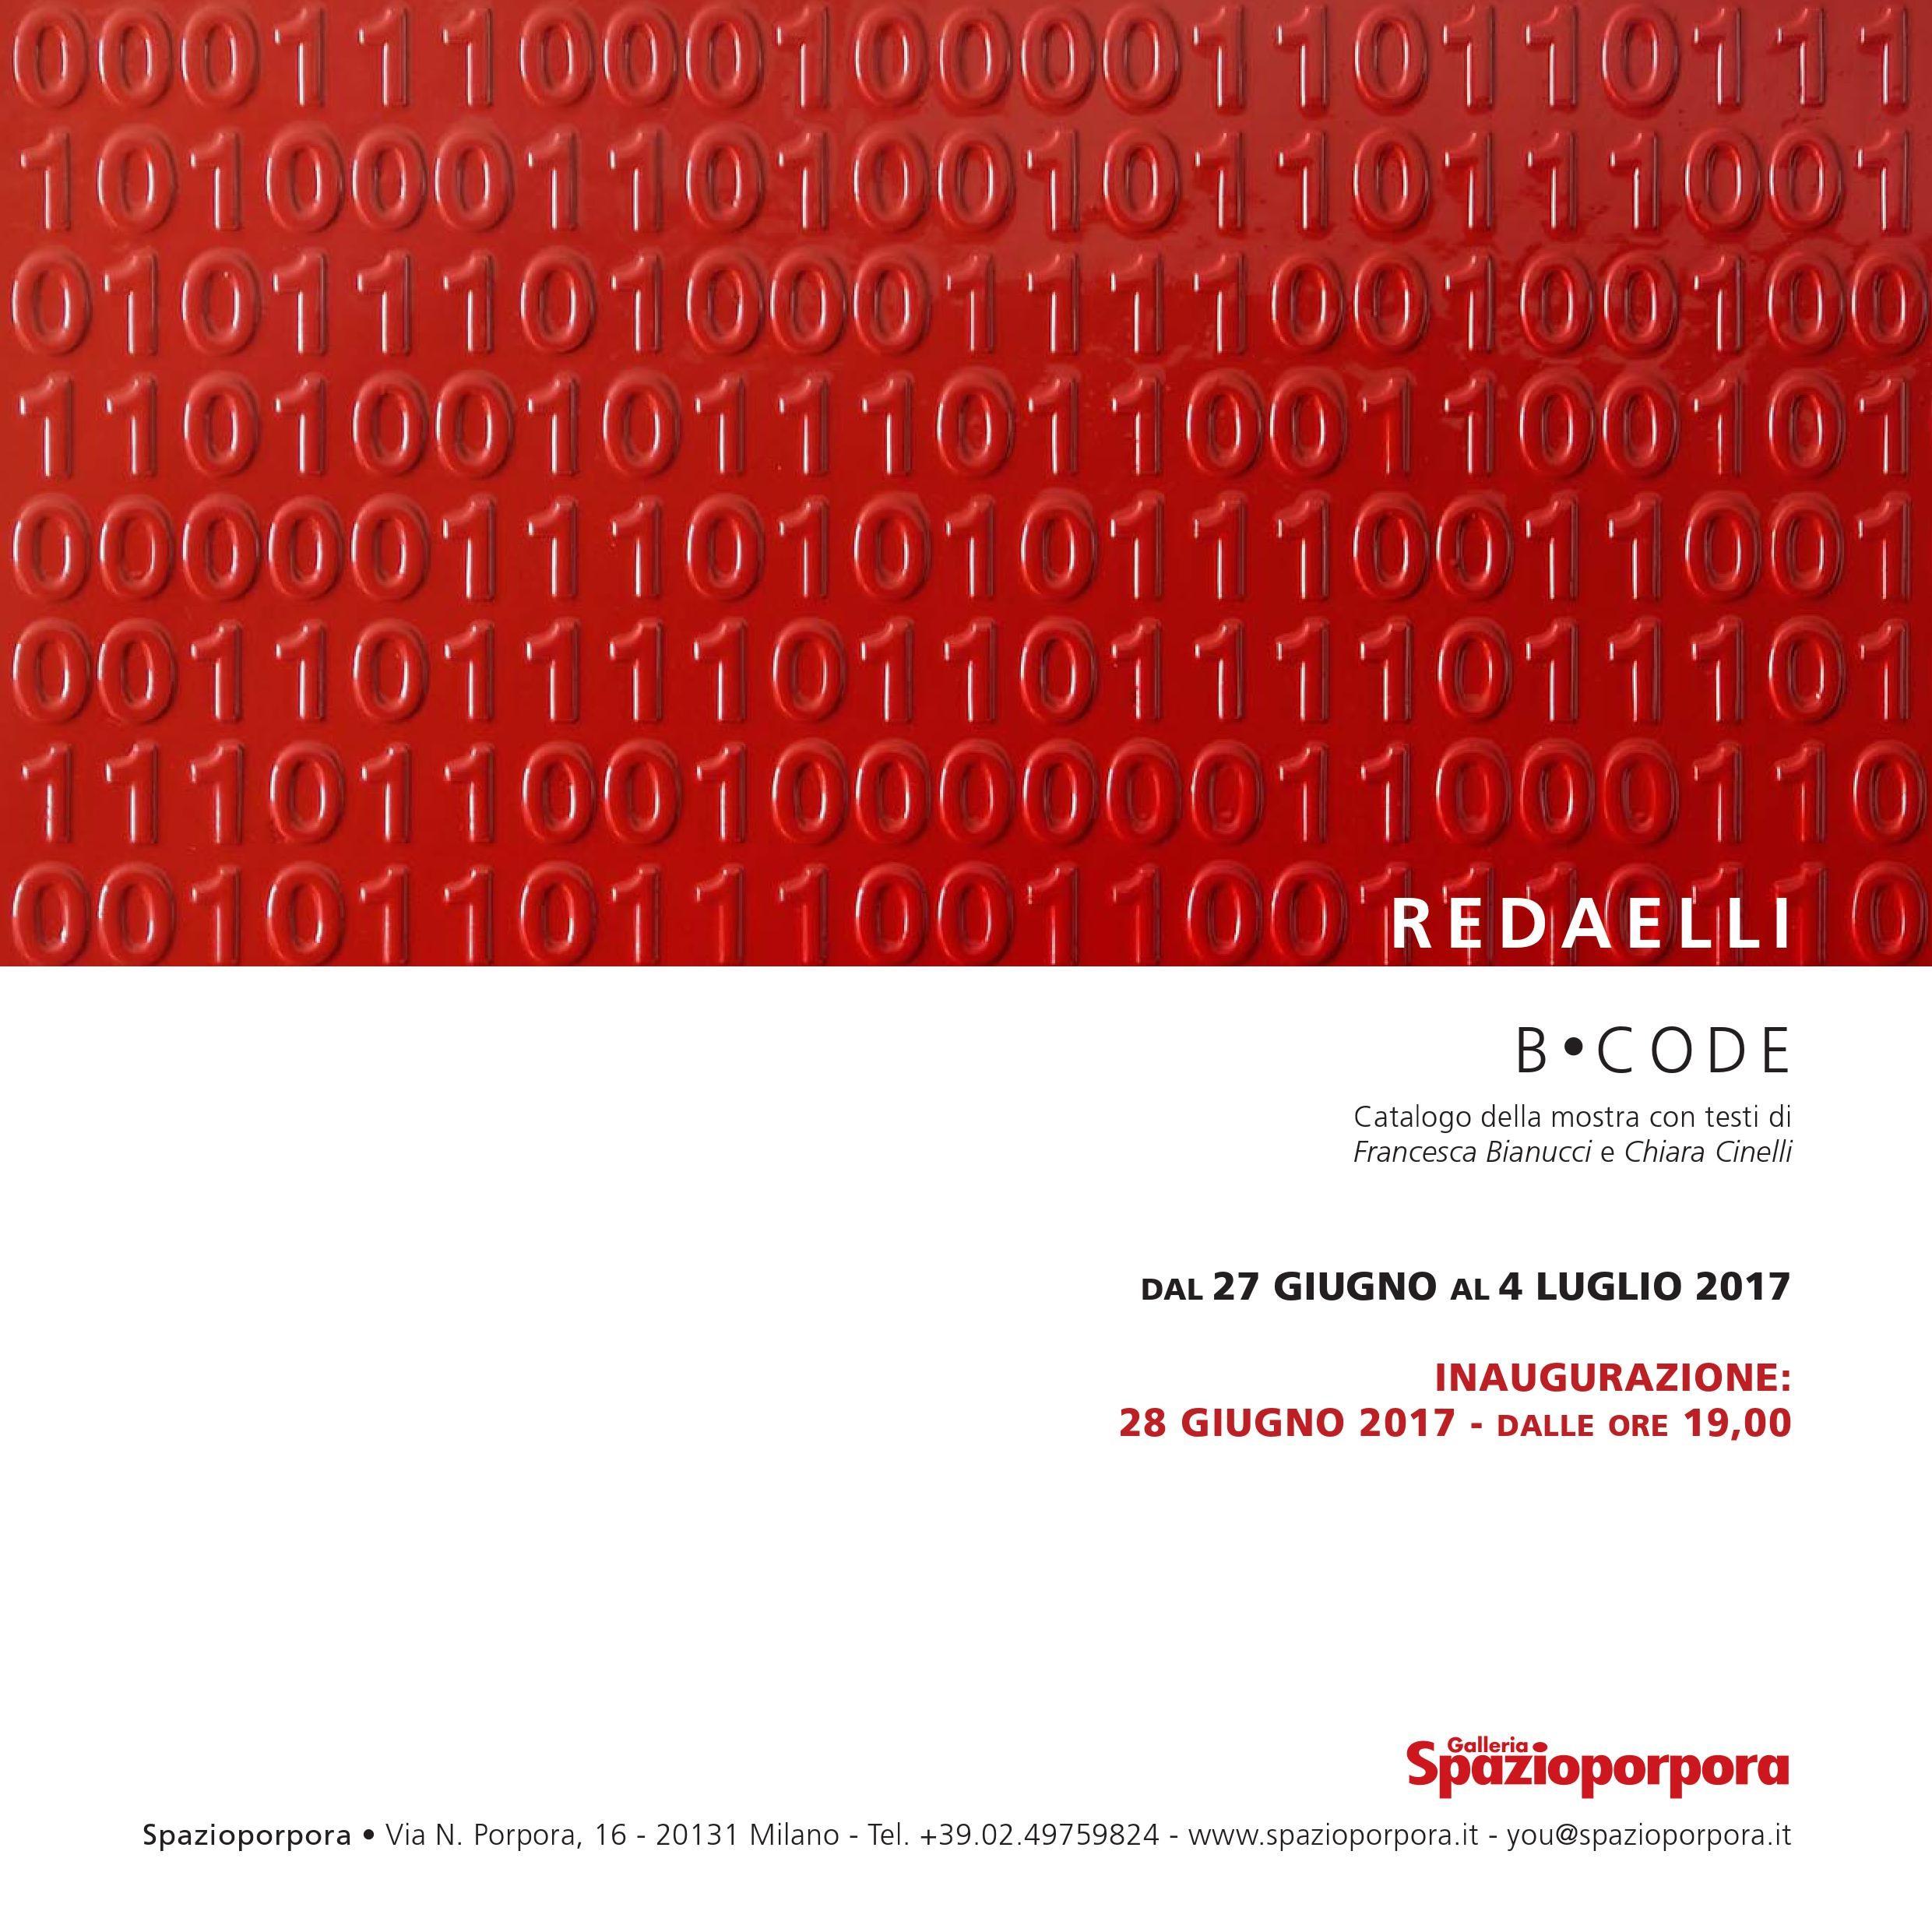 B.CODE mostra personale di Giordano Redaelli Spazioporpora